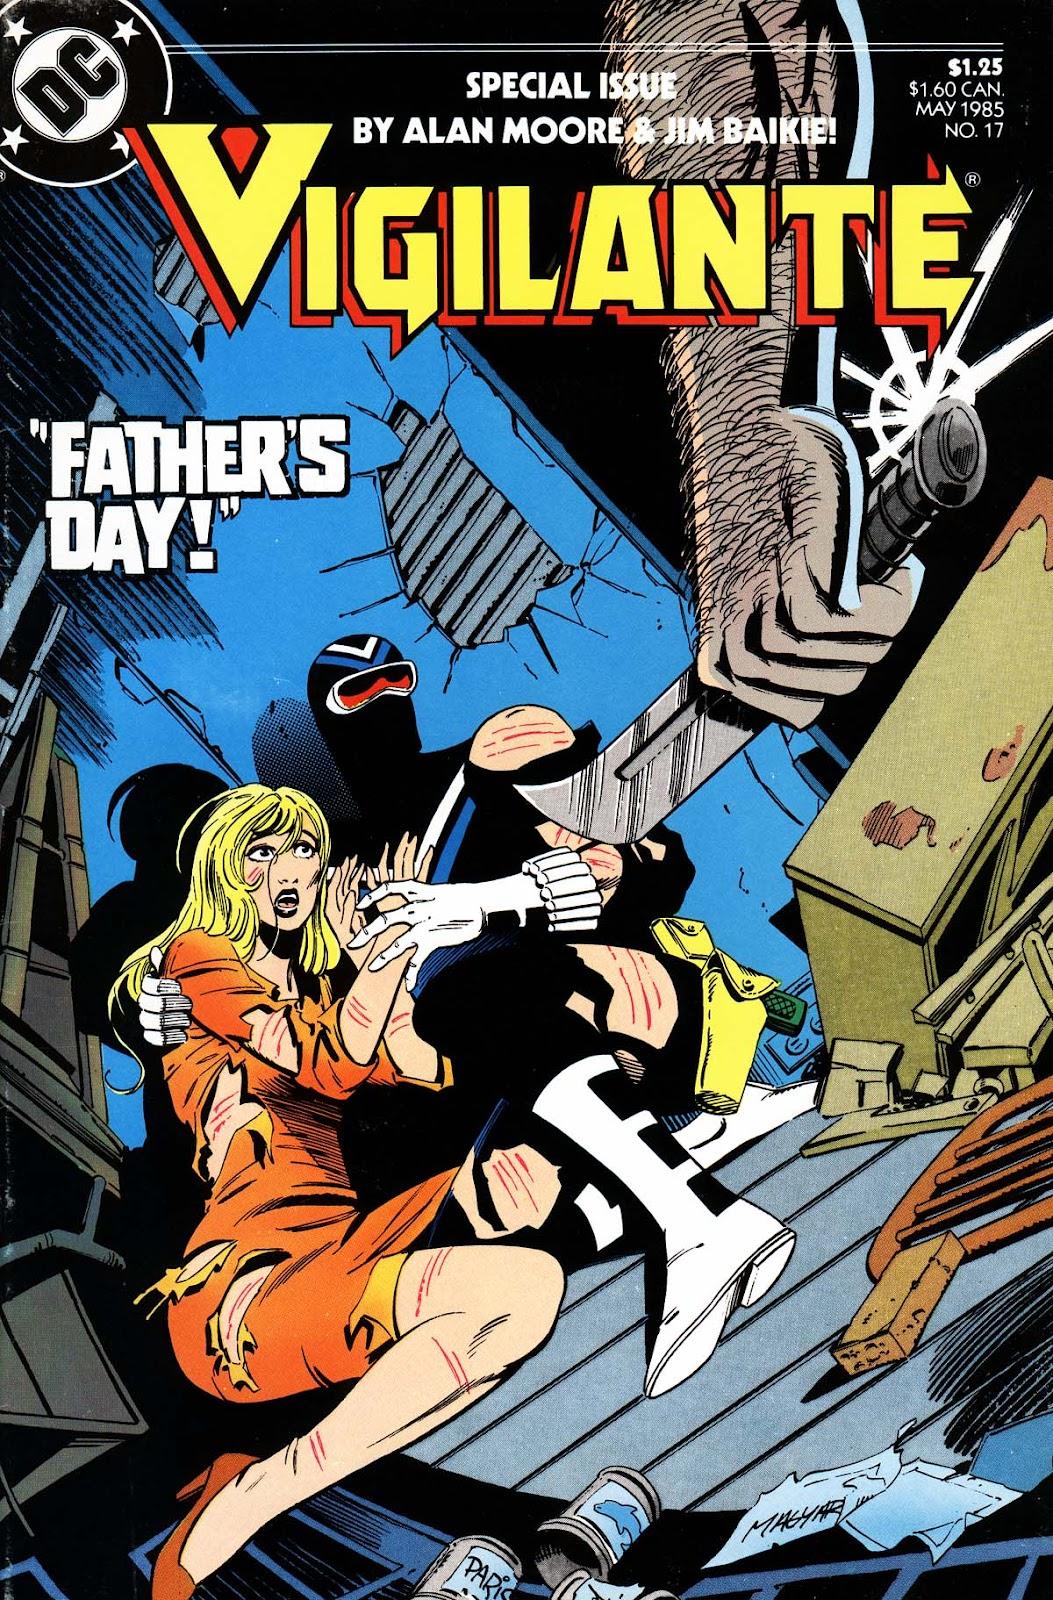 Vigilante (1983) issue 17 - Page 1